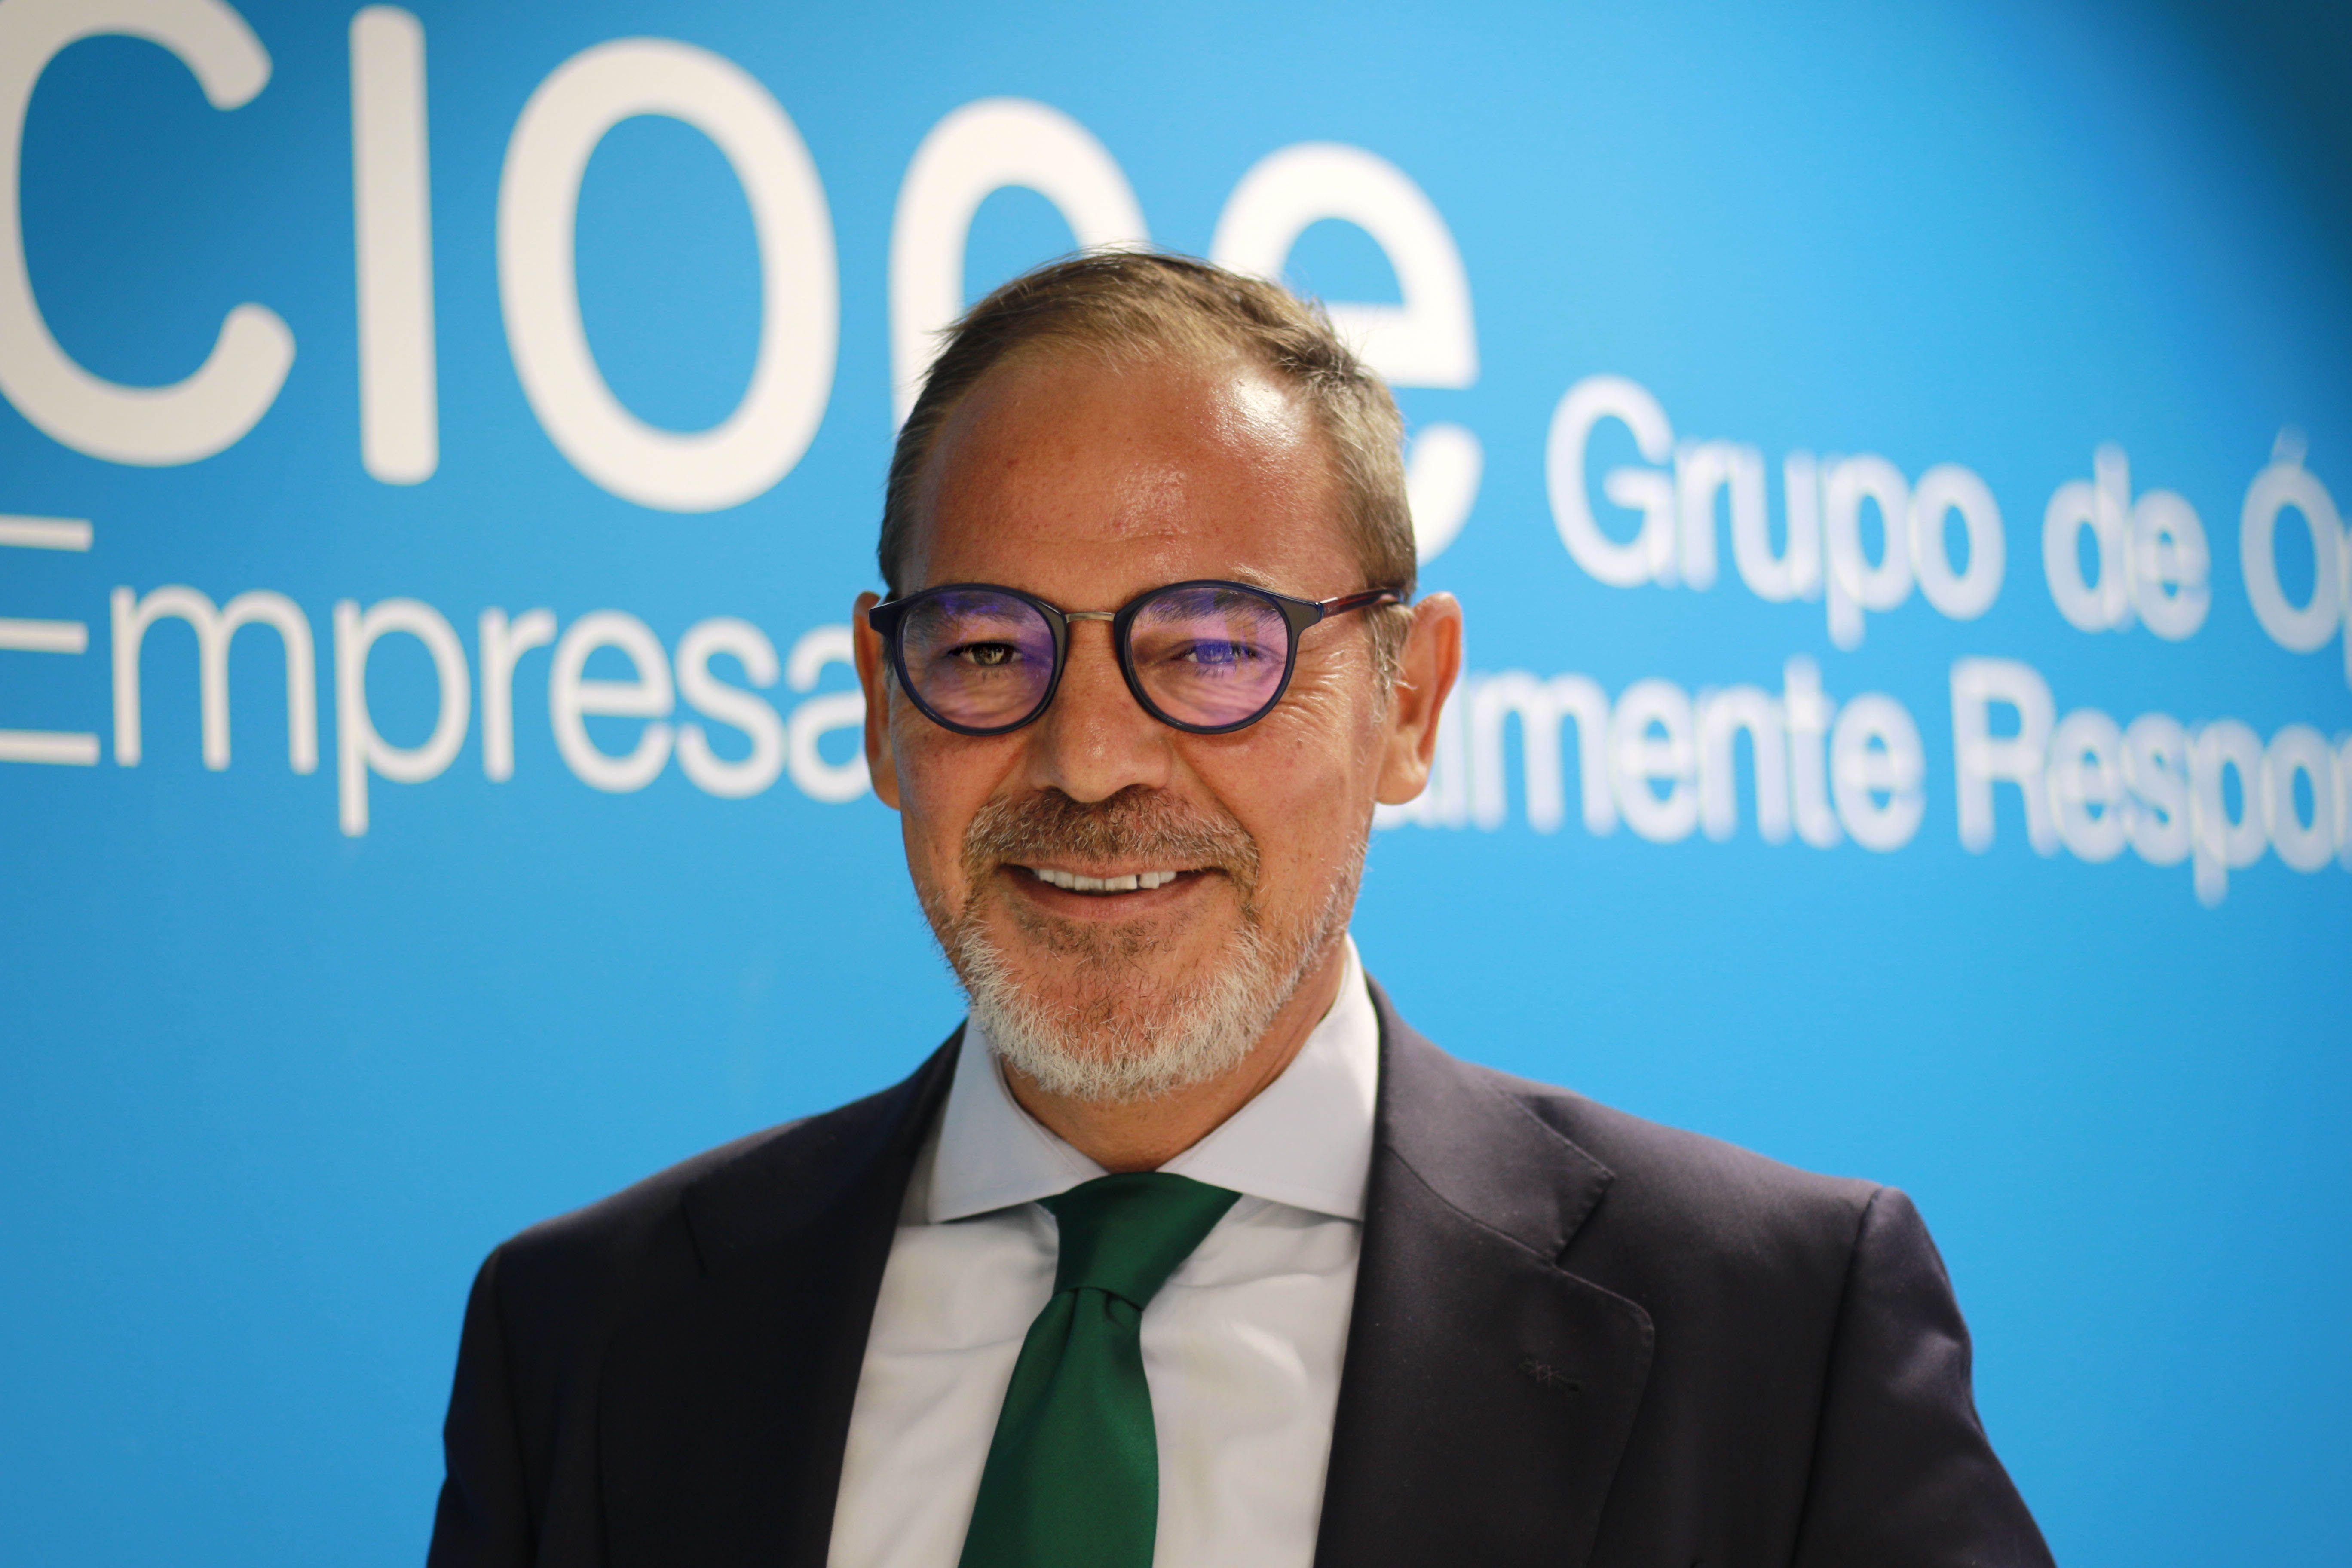 Foto de Miguel Angel García, director general de Cione